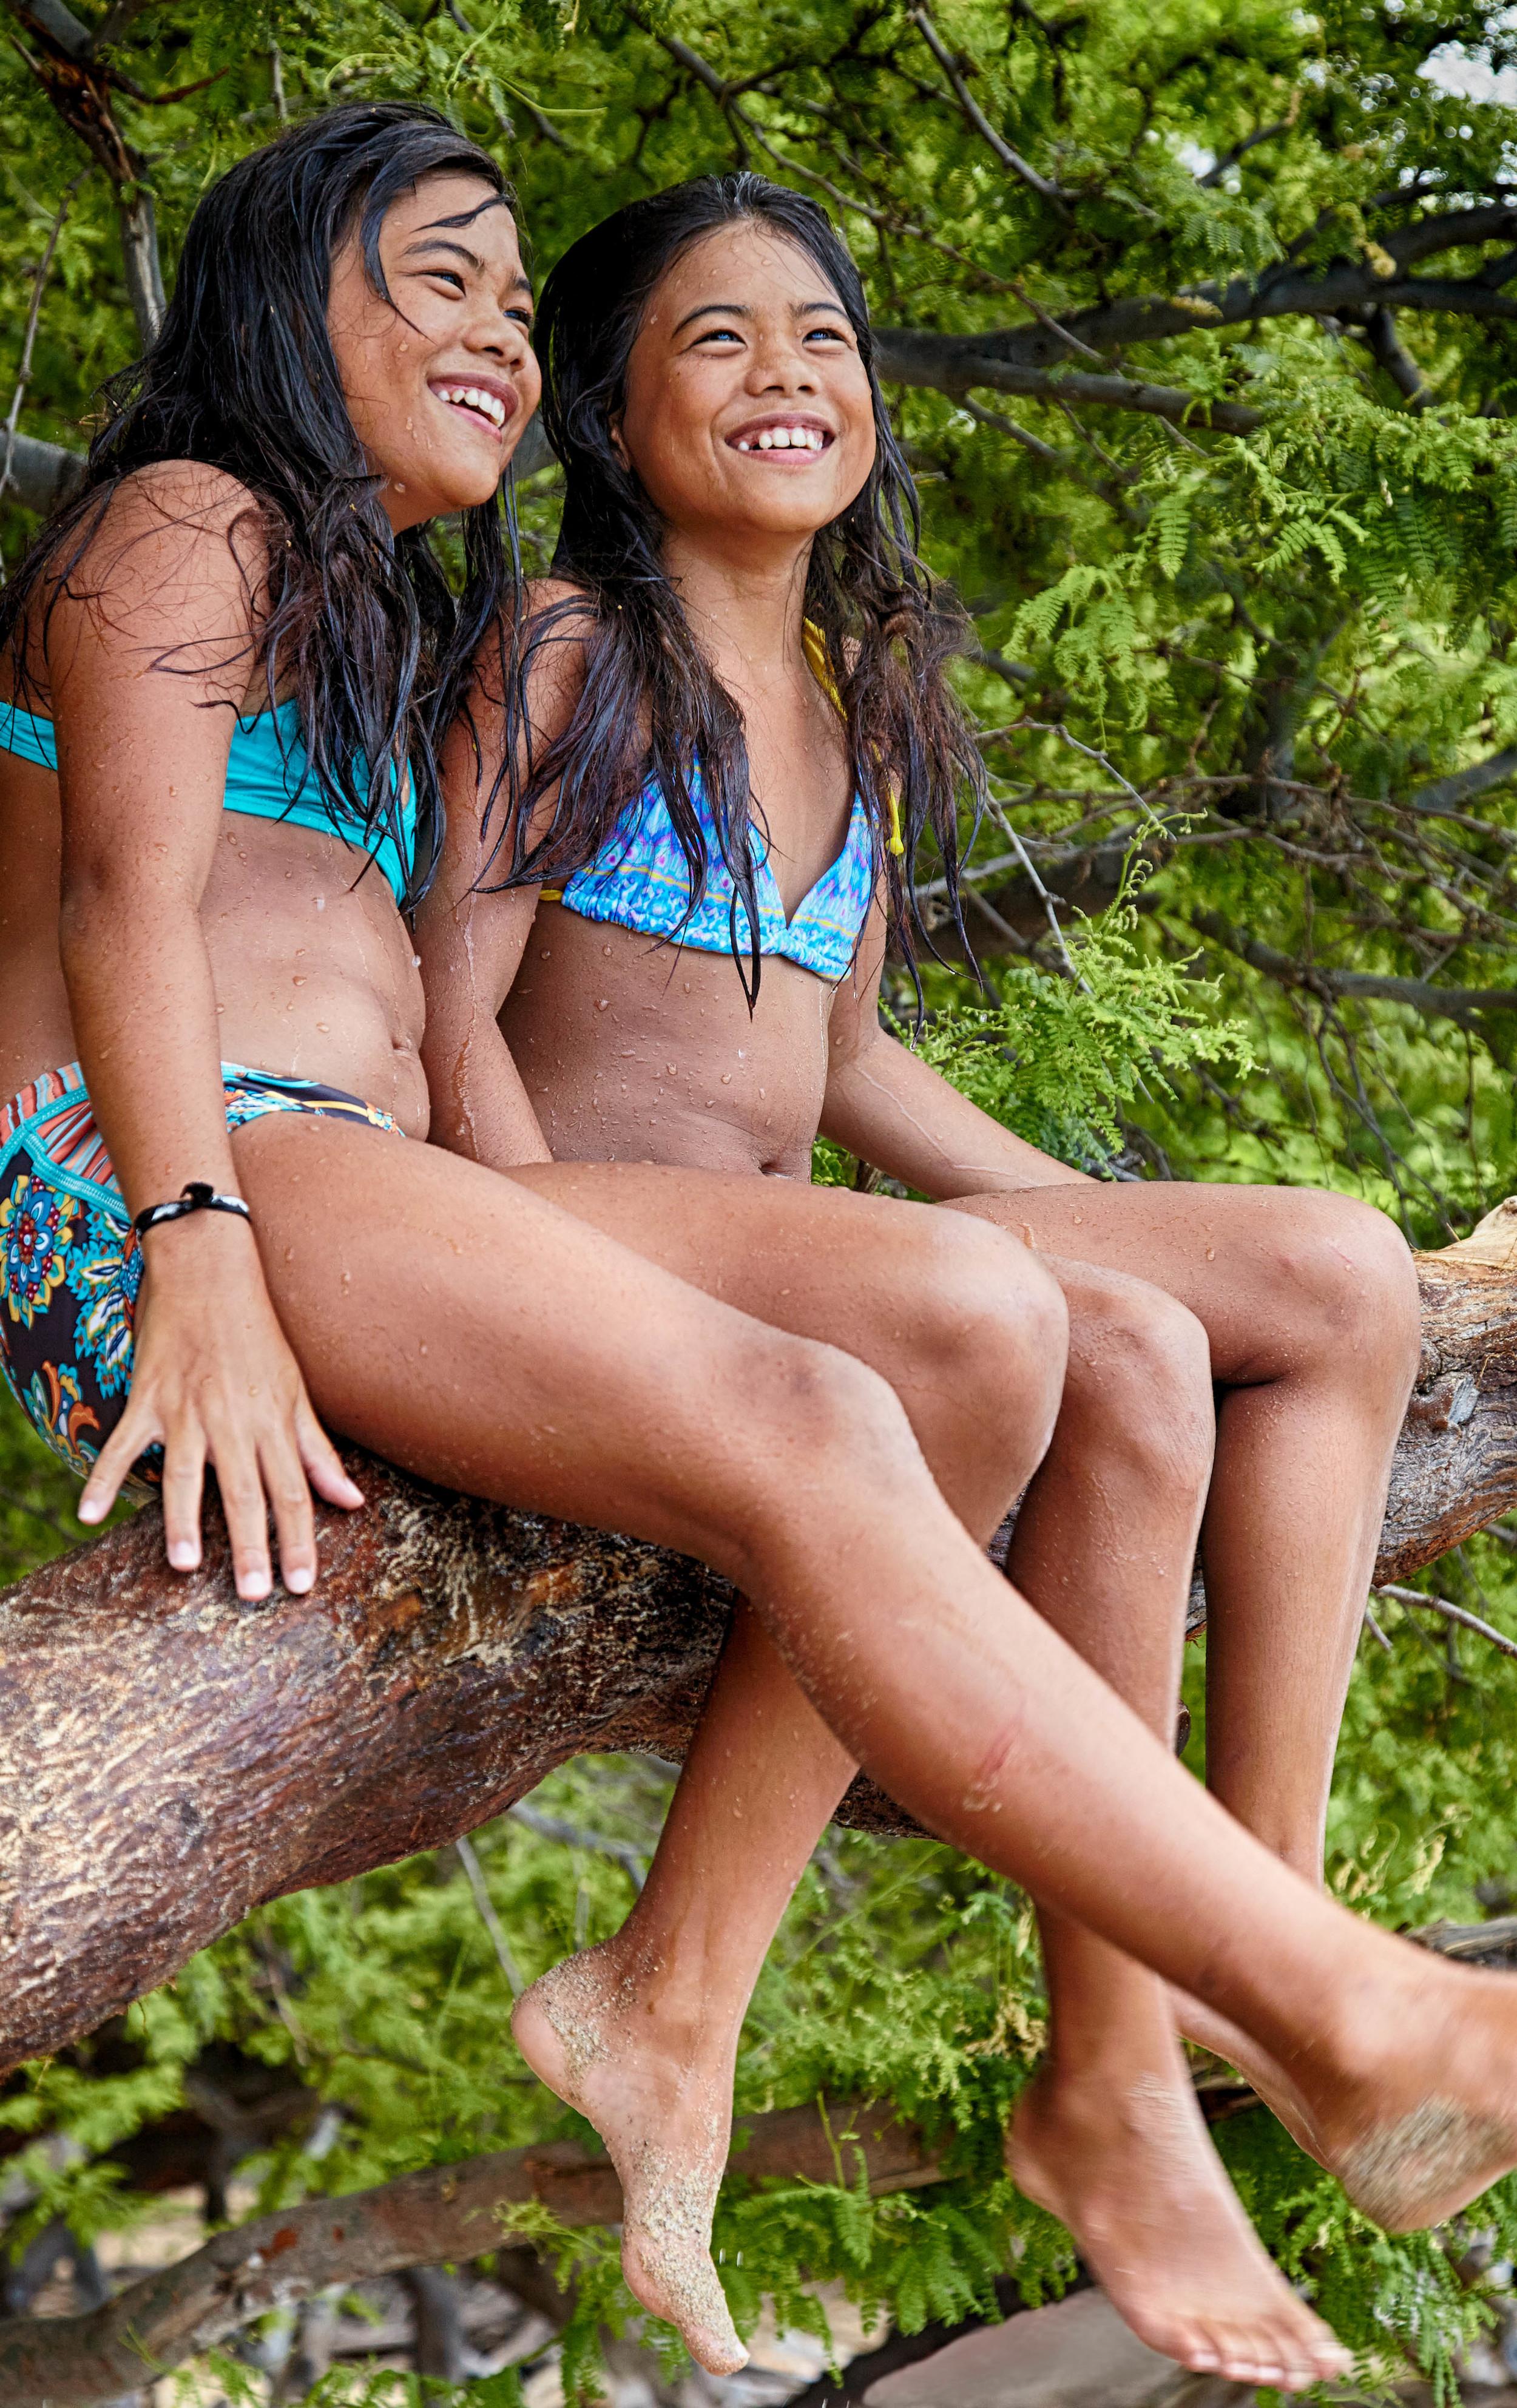 HawaiianGirls_1623_HDR.jpg